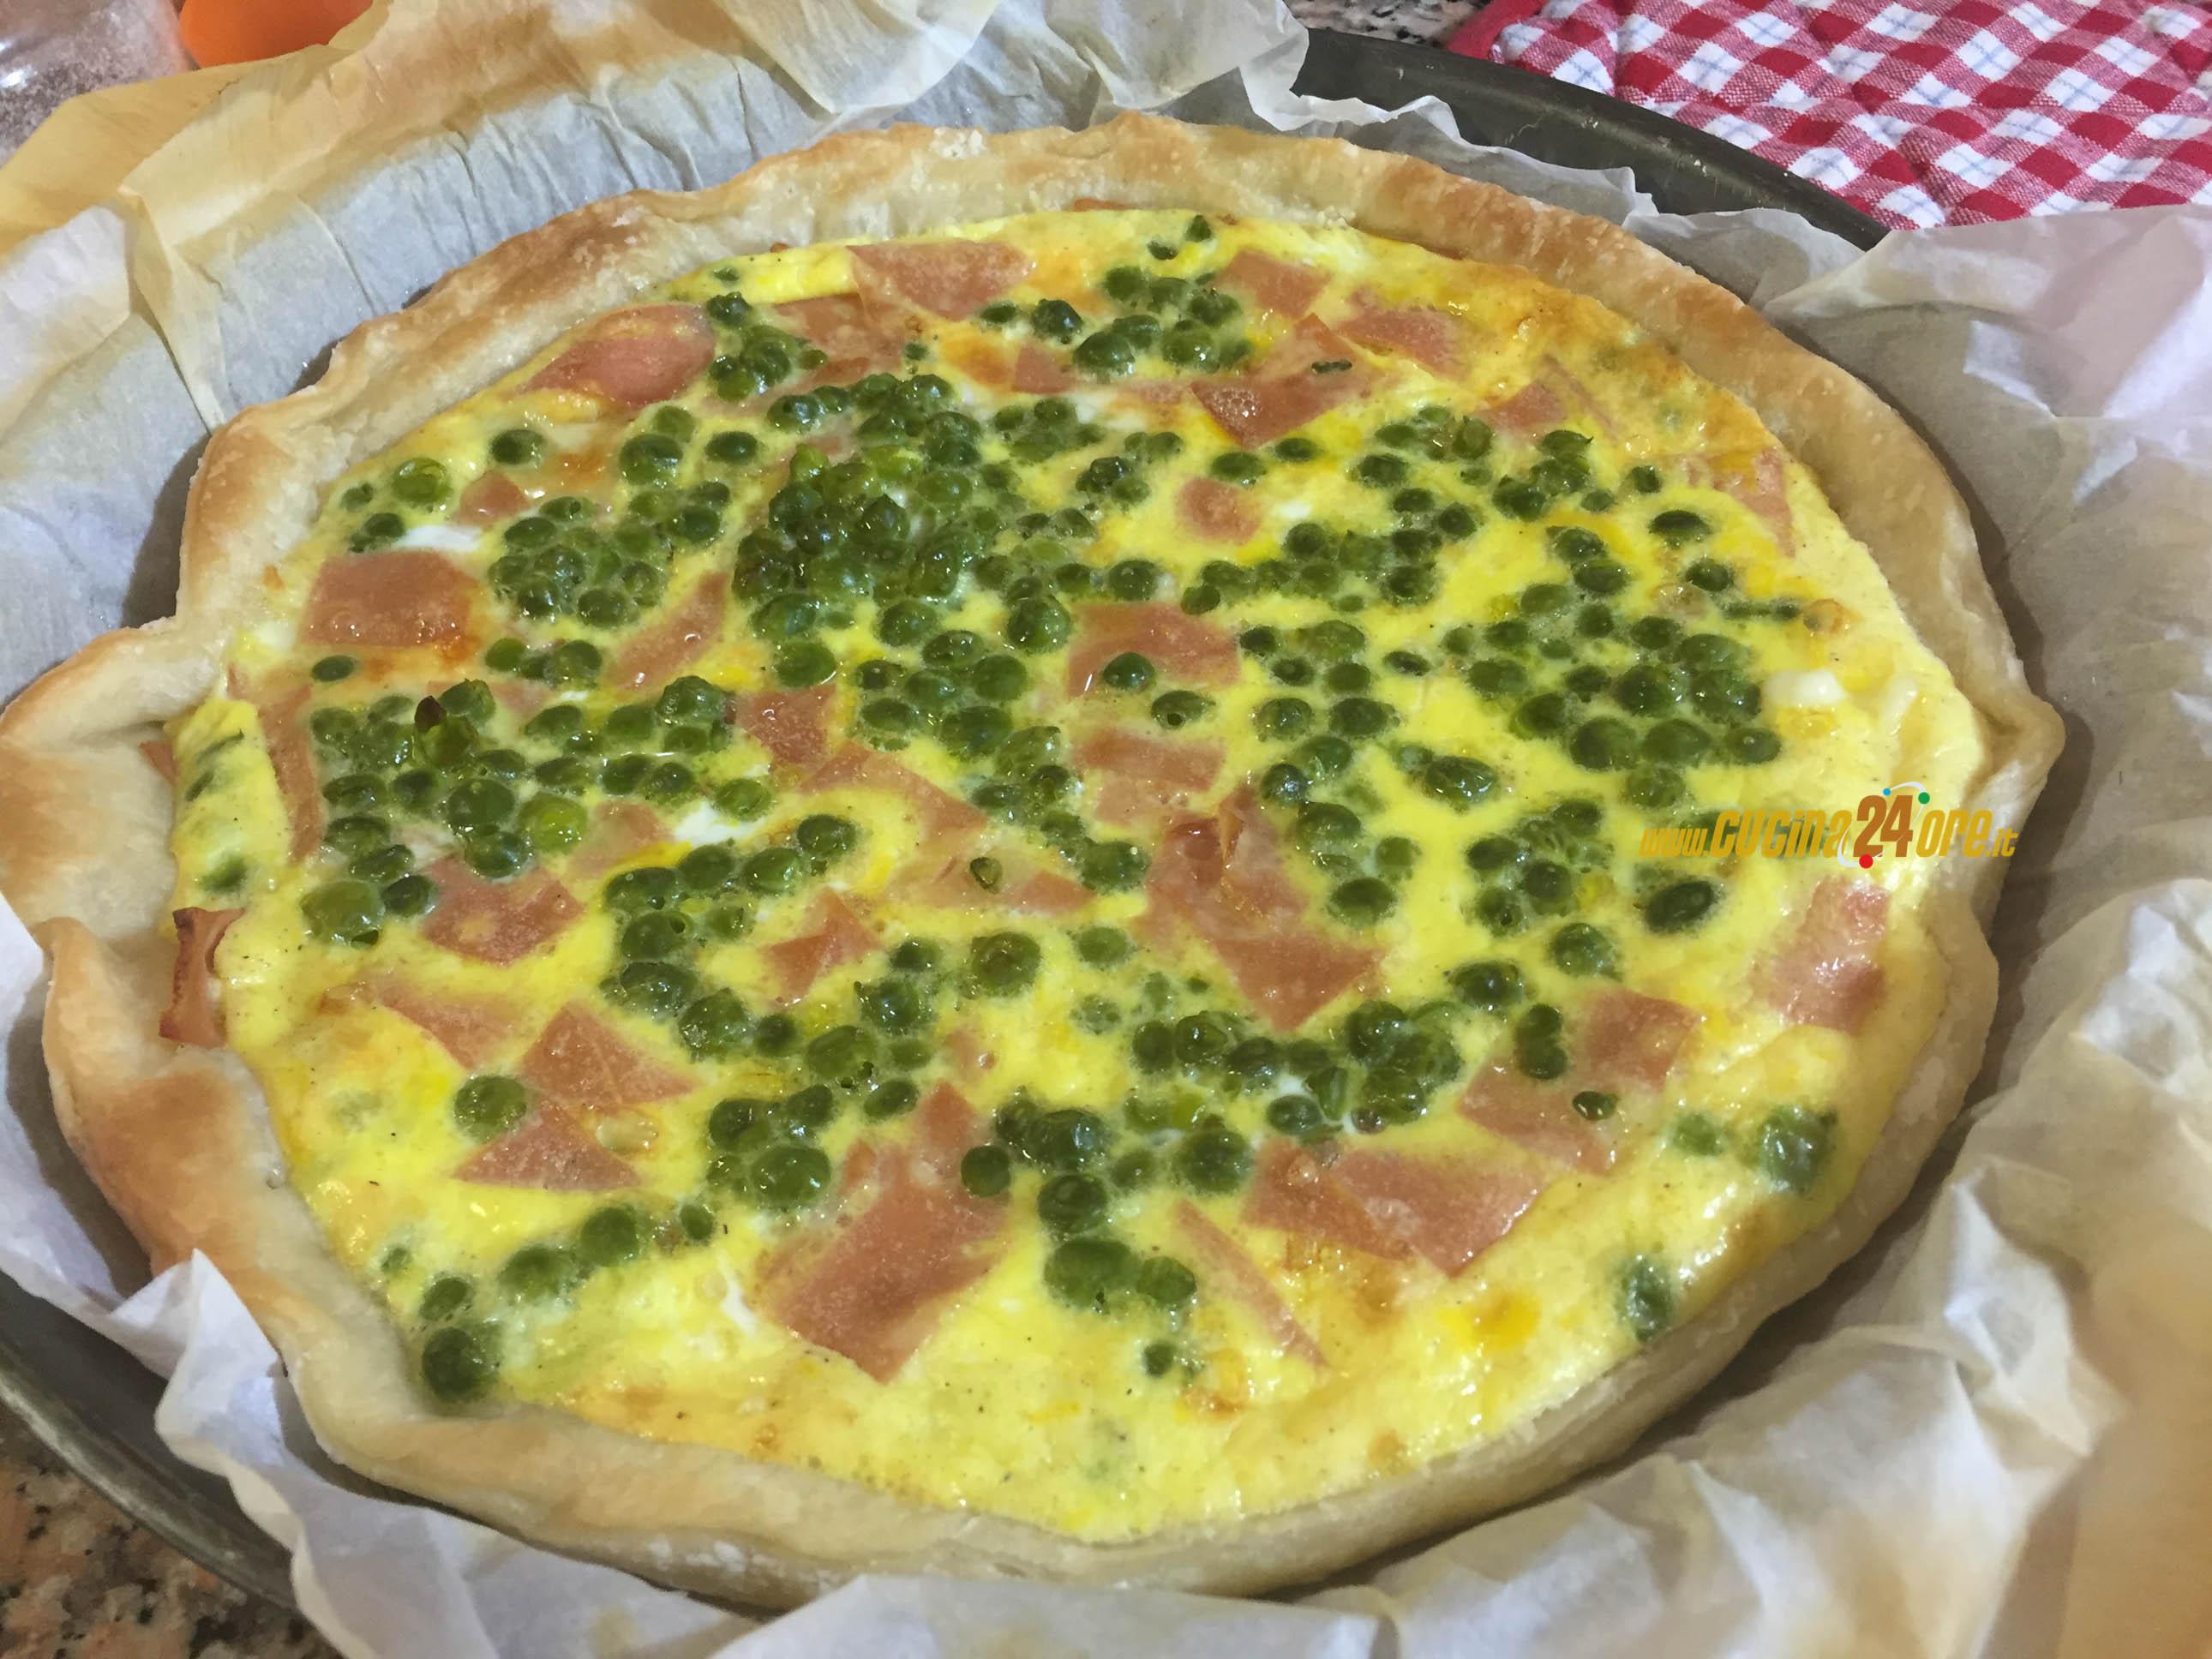 TORTA Rustica Filante di PISELLI e MORTADELLA | Rustic Pie